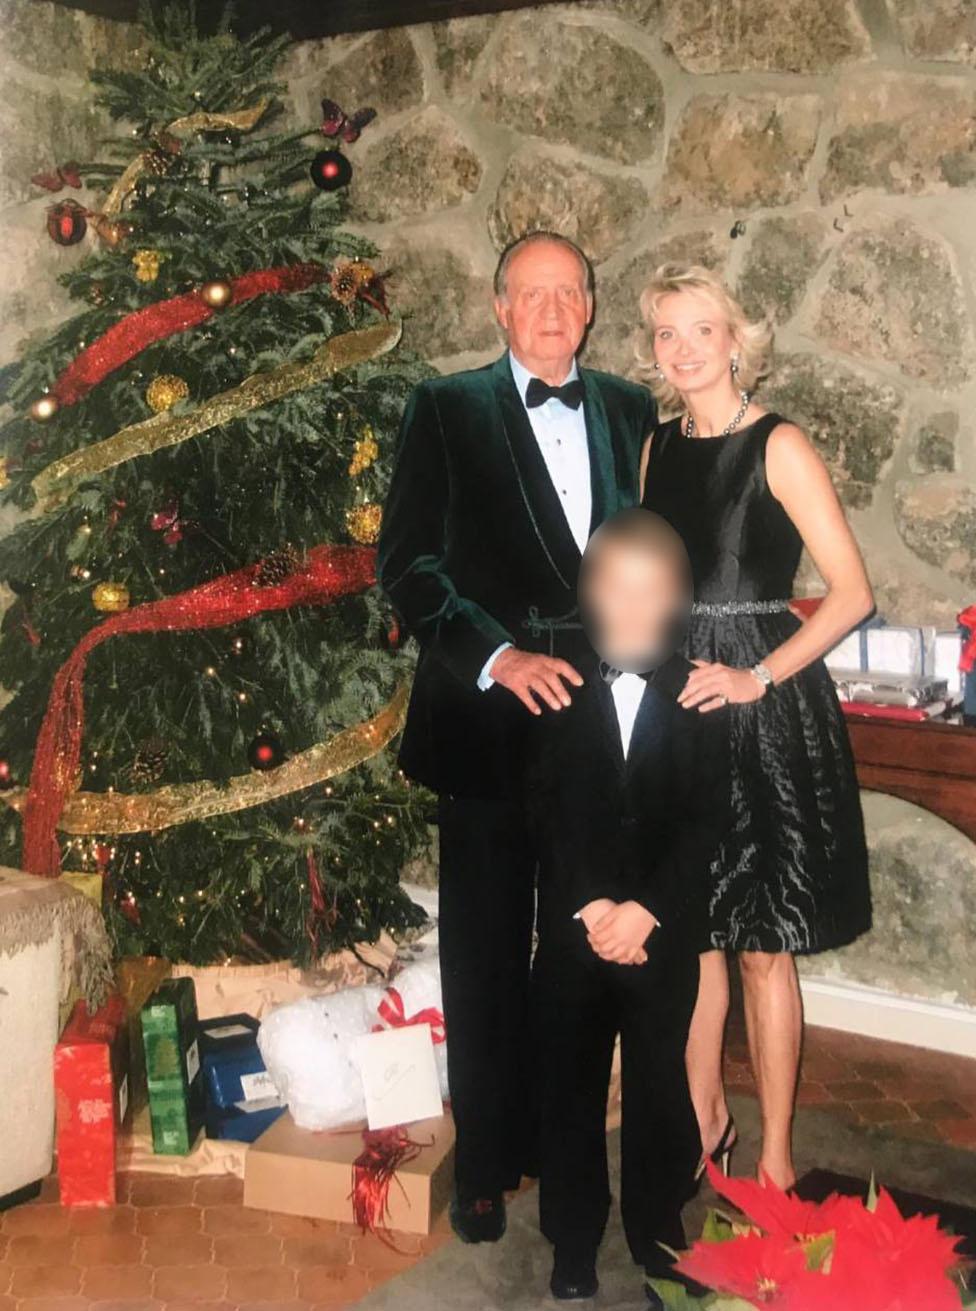 Juan CarlosI con Corinna zu Sayn-Wittgenstein y uno de los hijos de ella